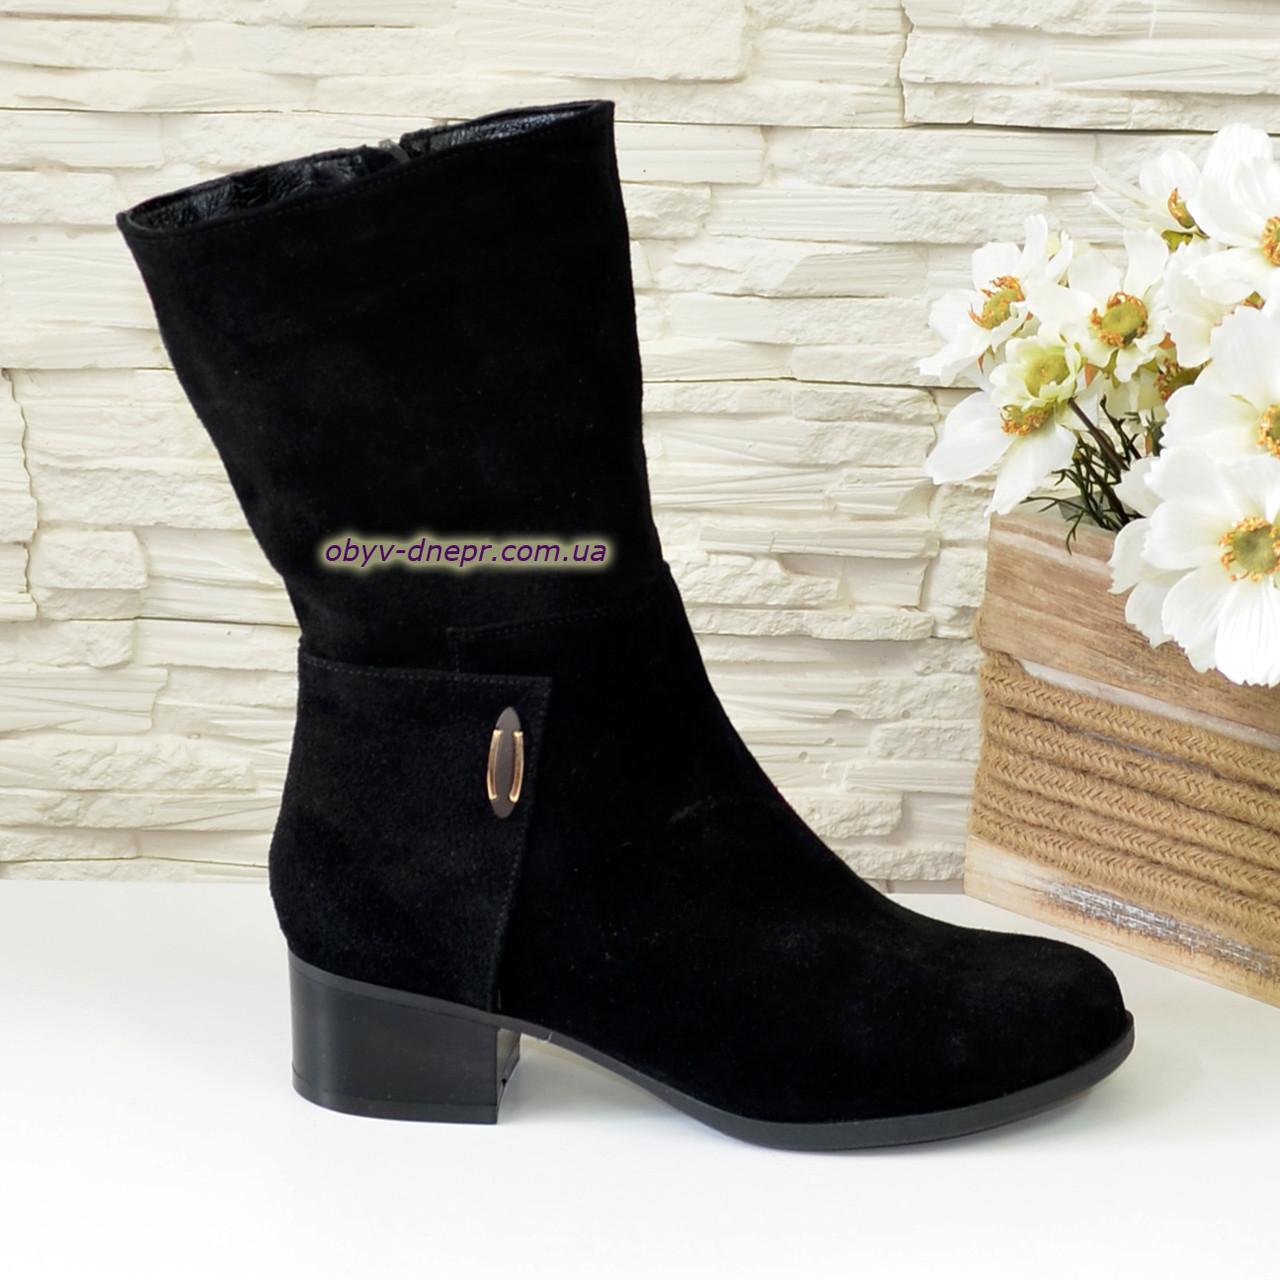 Ботинки демисезонные замшевые на маленьком каблуке, декорированы фурнитурой